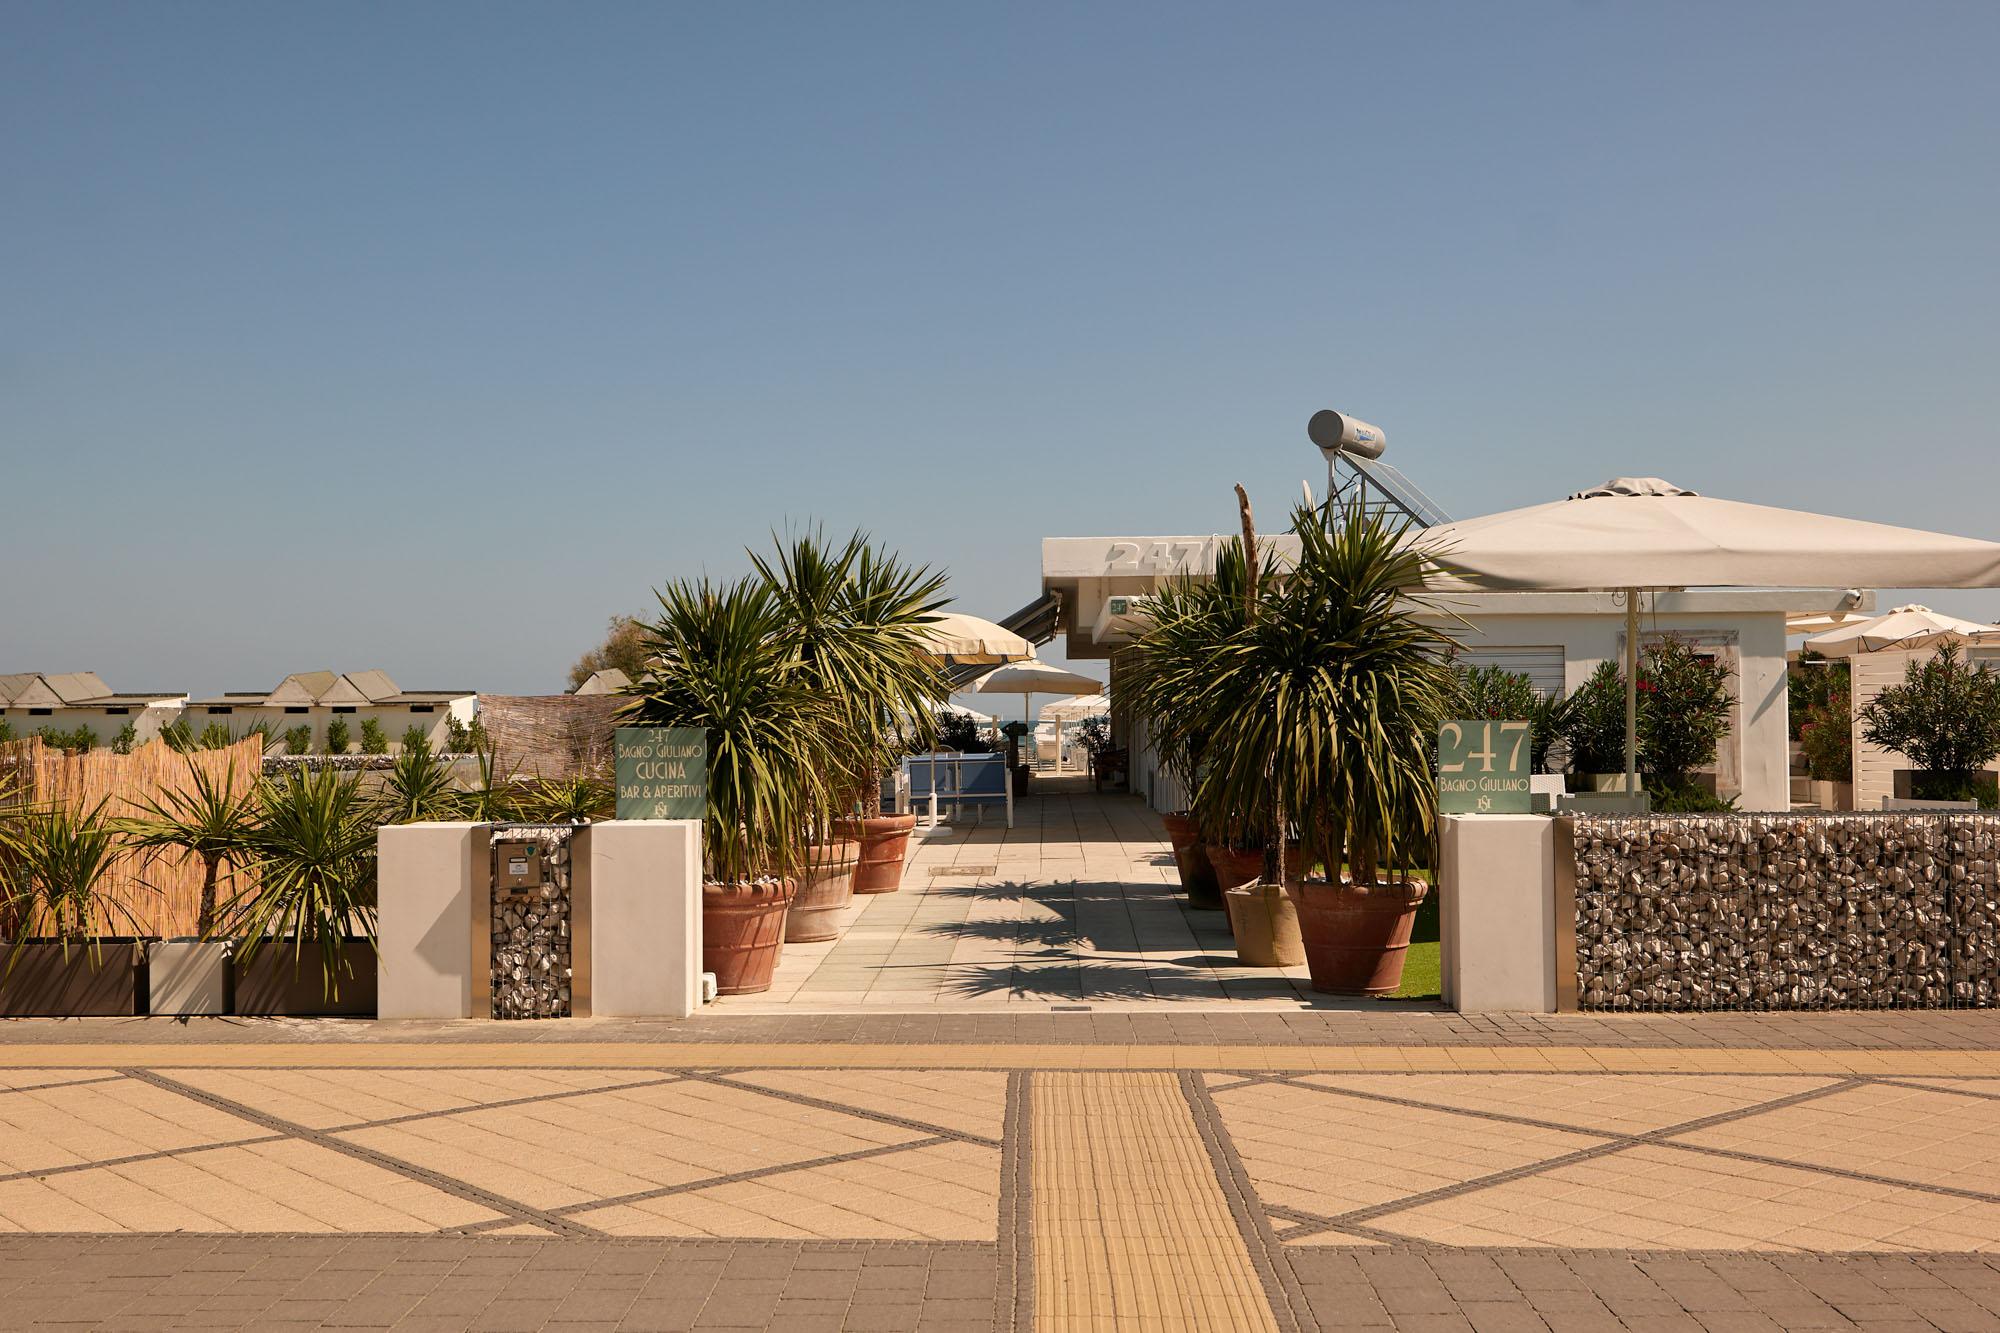 bagno giuliano 247 milano marittima spiaggia distanziata aperitivo sulla spiagga e piccola ristorazione